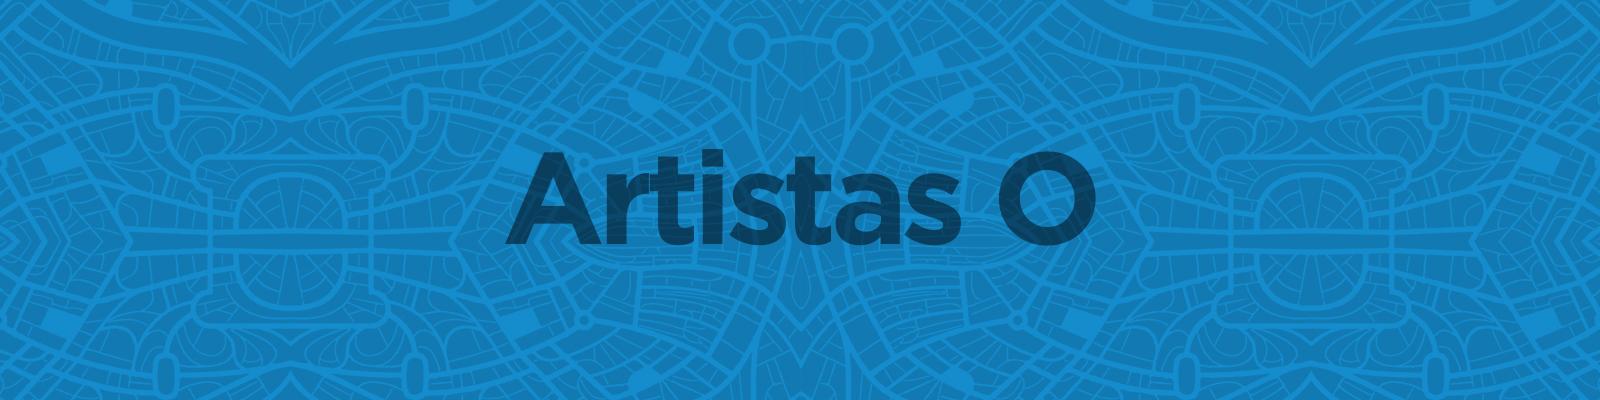 ArtistisO